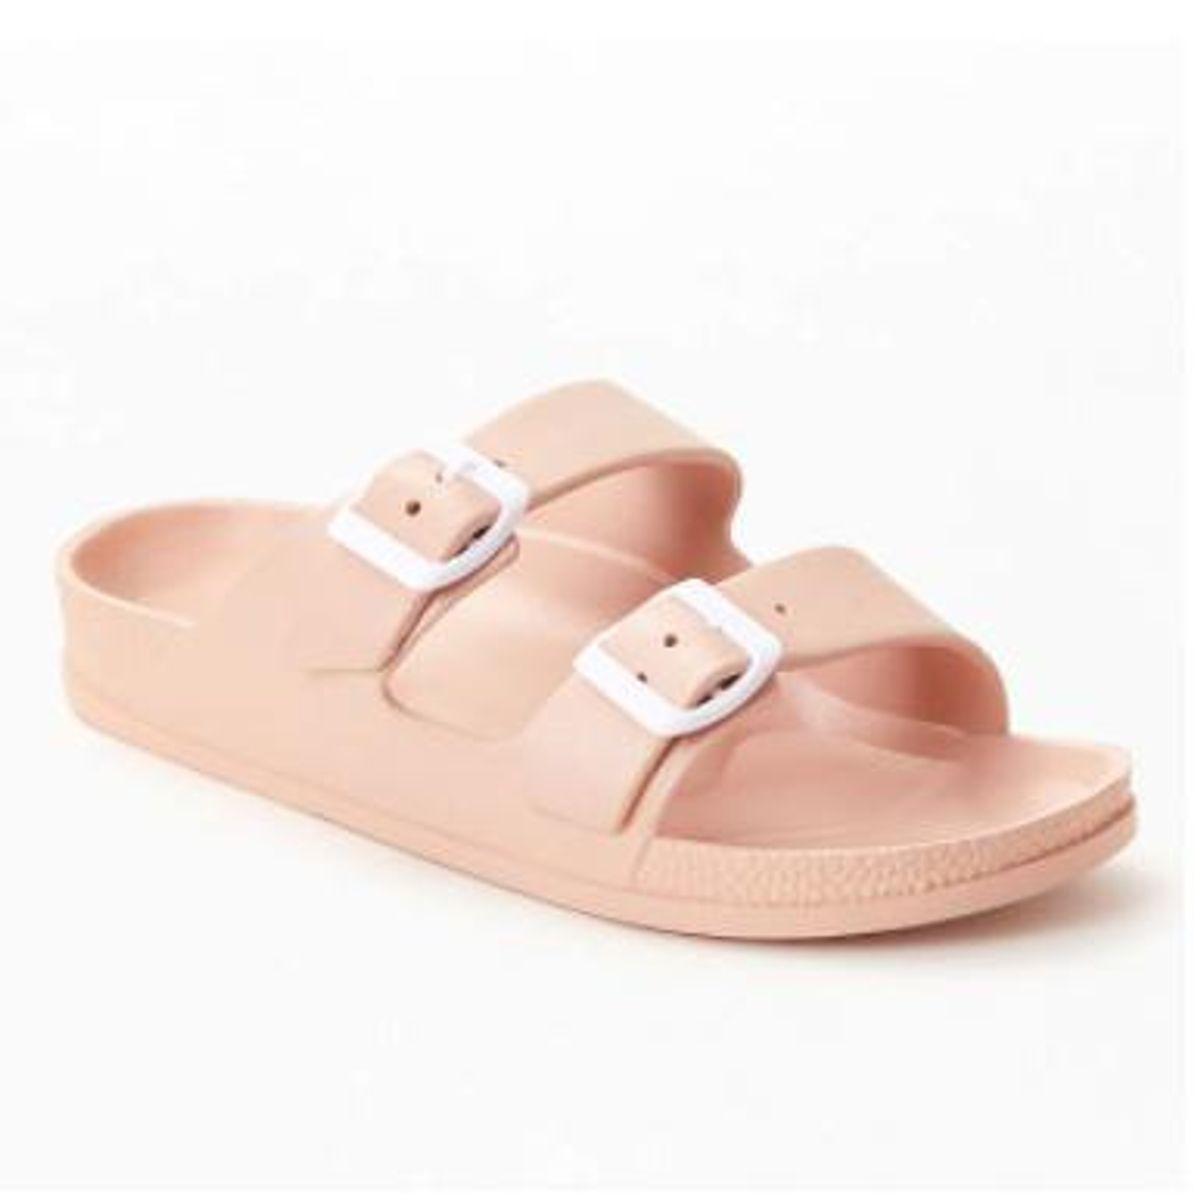 pacsun rubber double buckle slide sandals